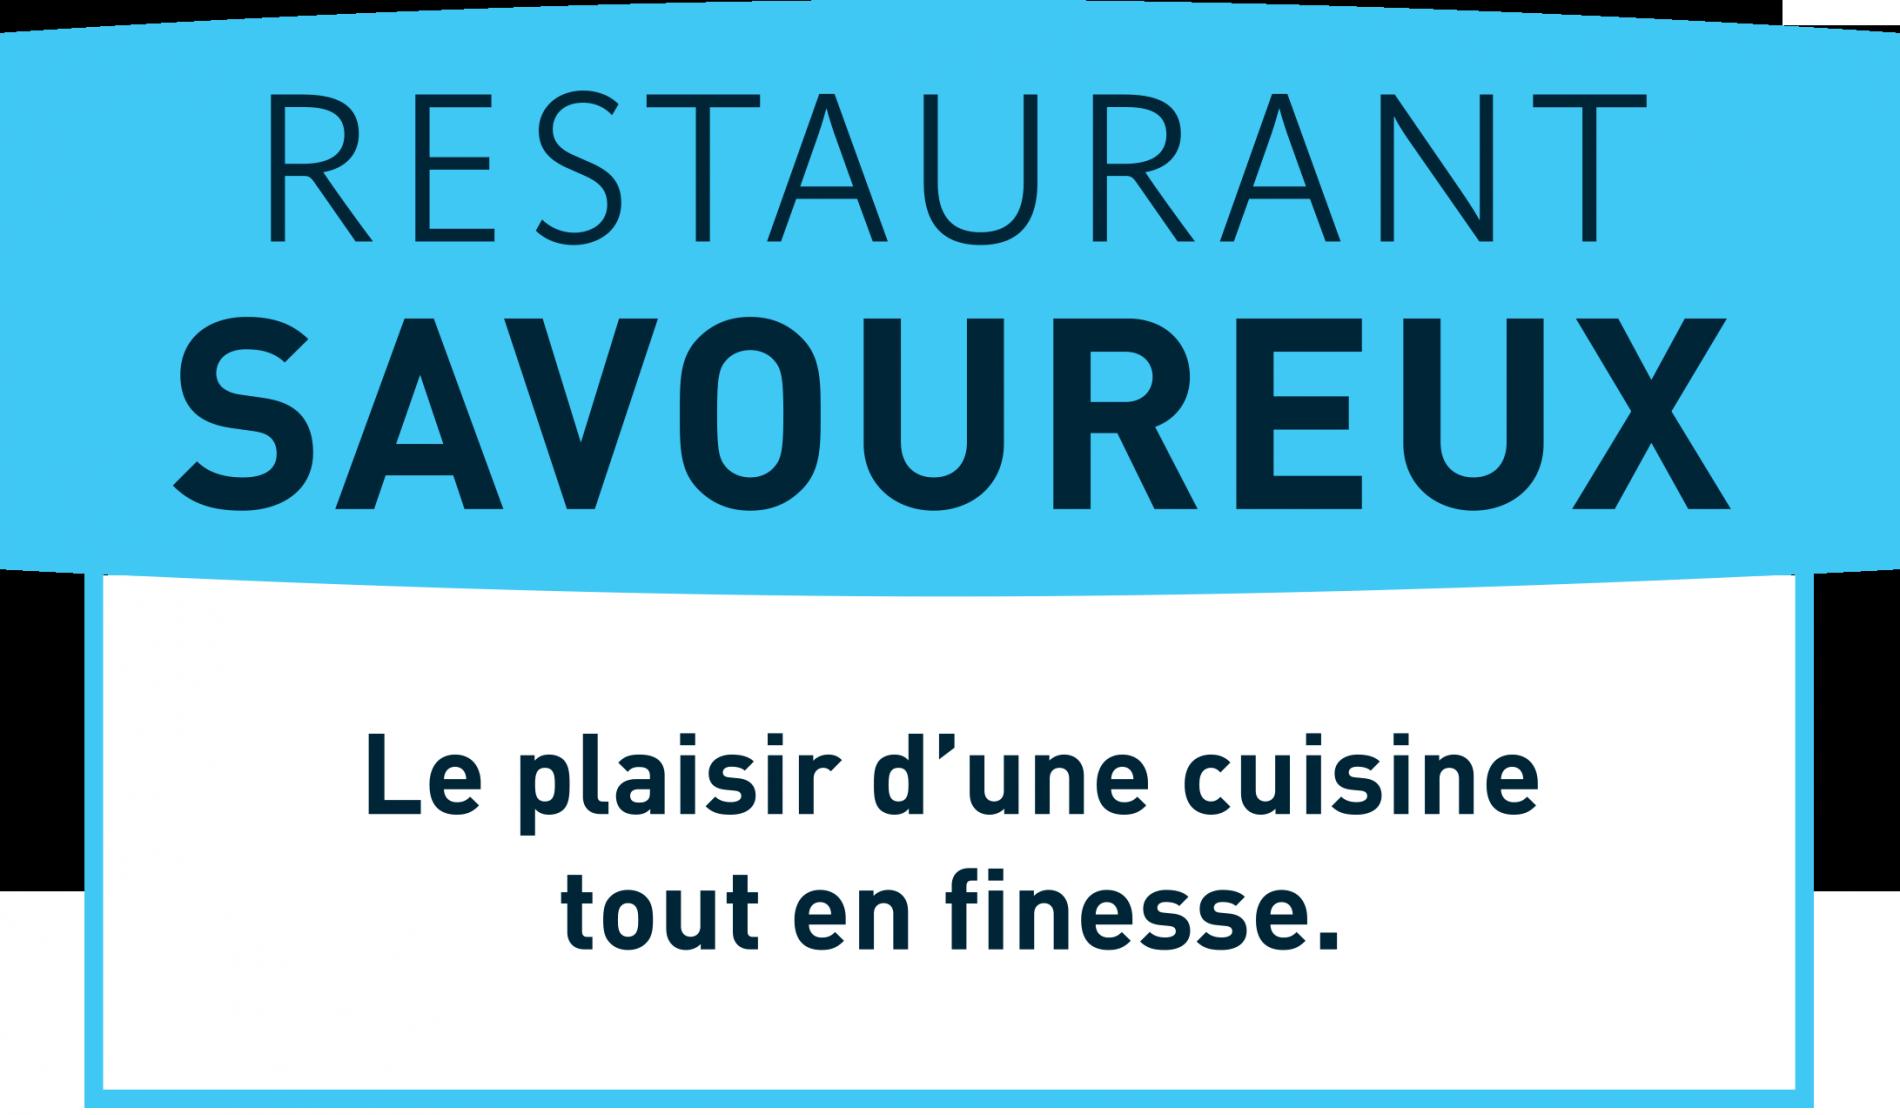 Logo logis restaurant savoureux, Domaine du Moulin Cavier - Angers